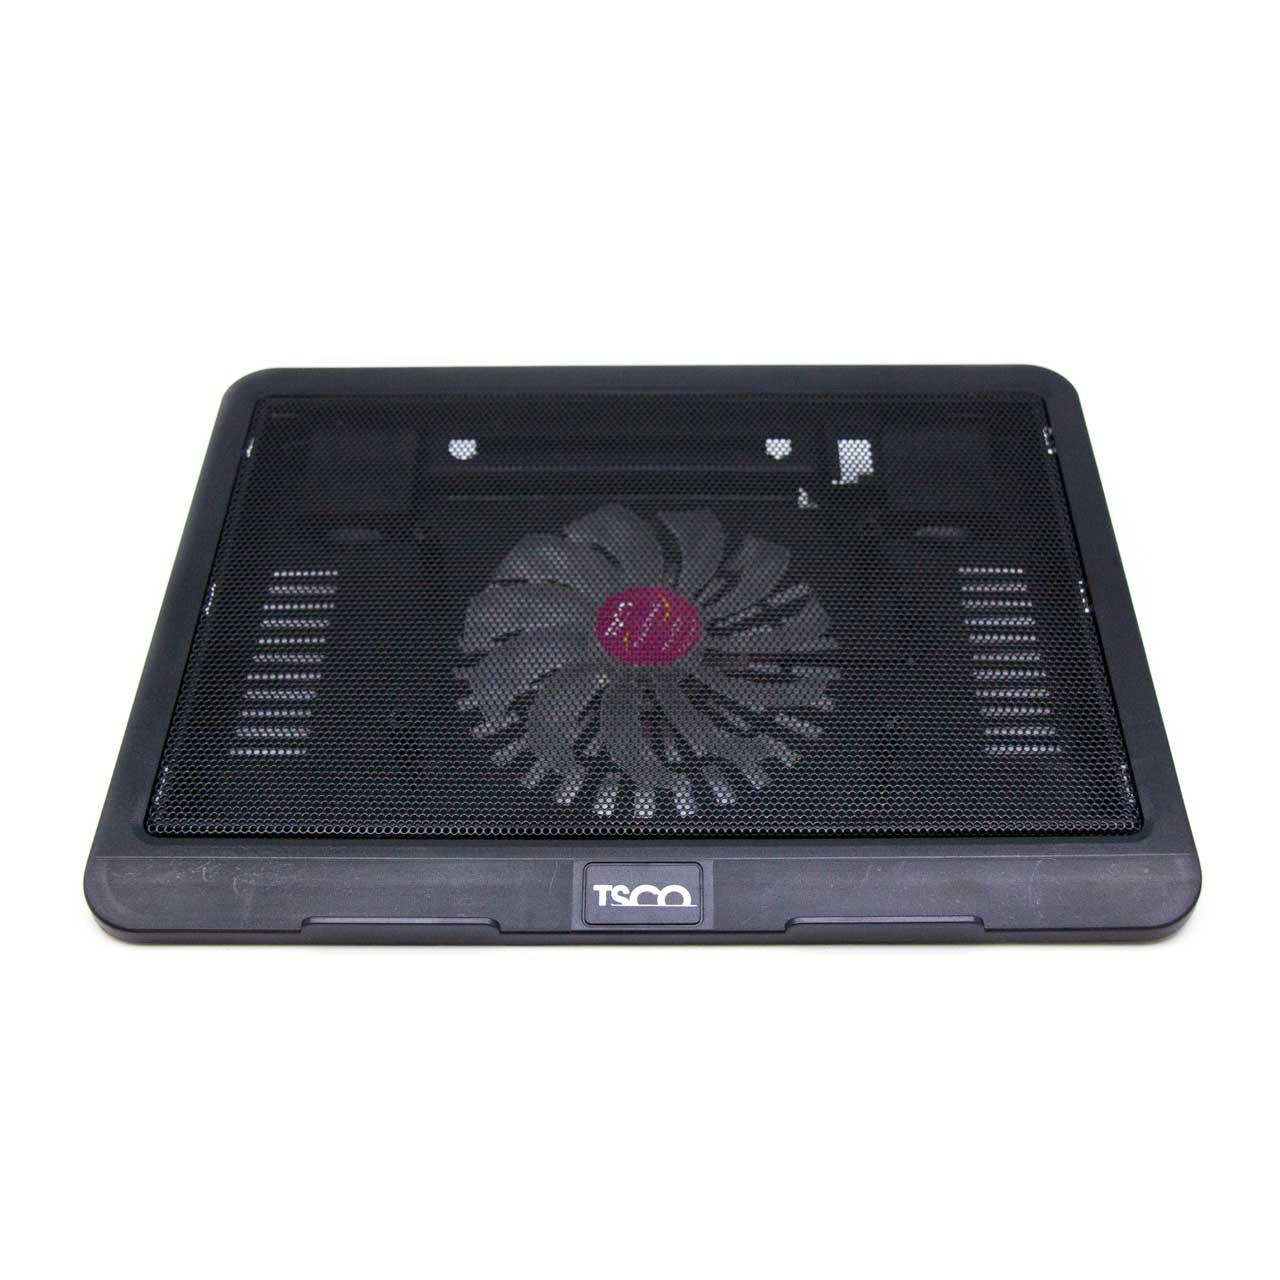 تصویر فن لپ تاپ TSCO TCLP-3000 + گارانتی TSCO TCLP-3000 Notebook Cooling Pad